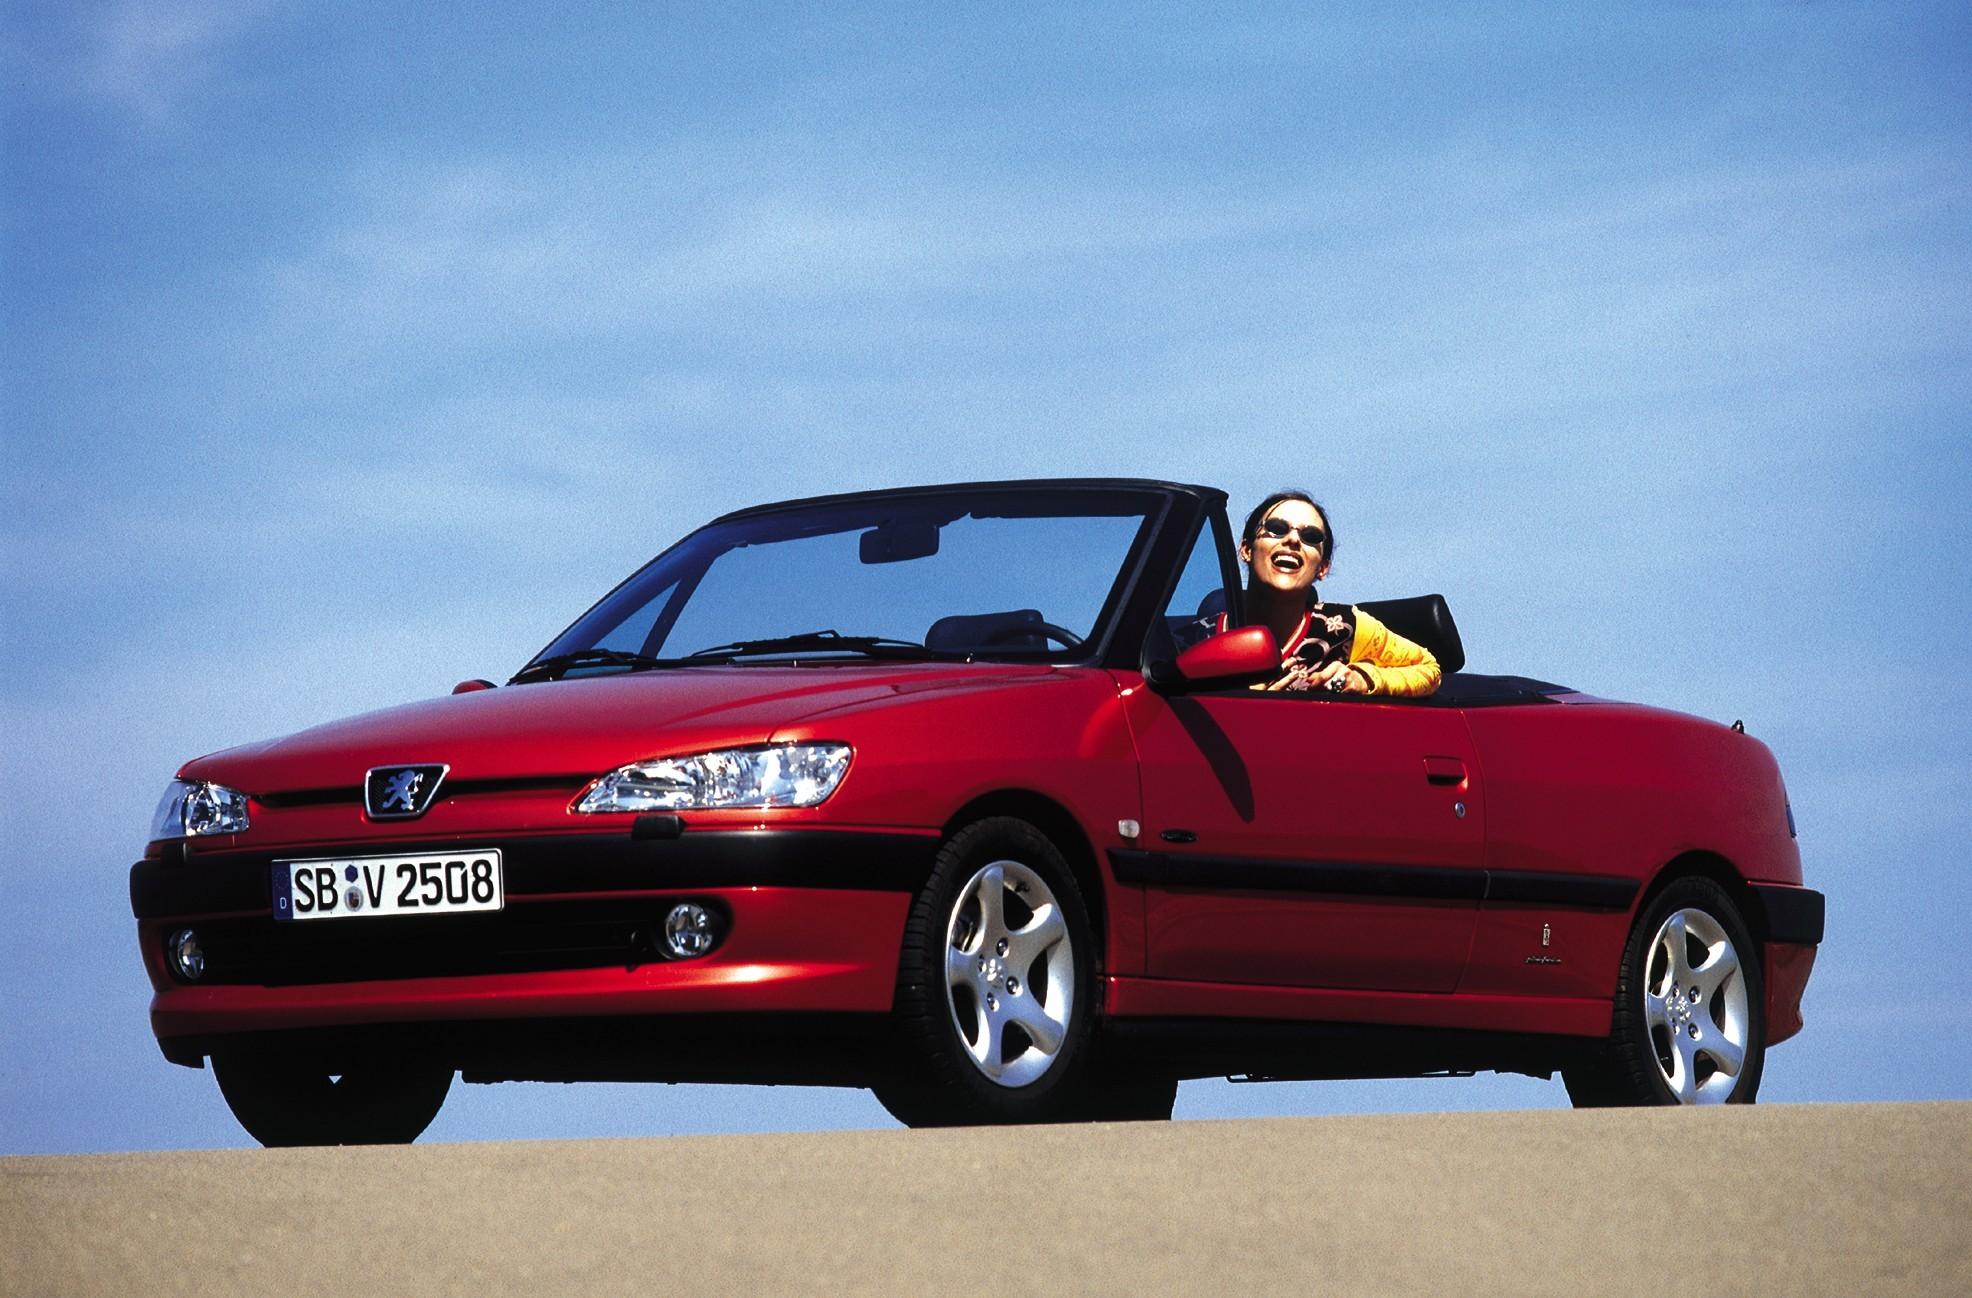 Peugeot 306 Cabriolet 1997 1998 1999 2000 2001 2002